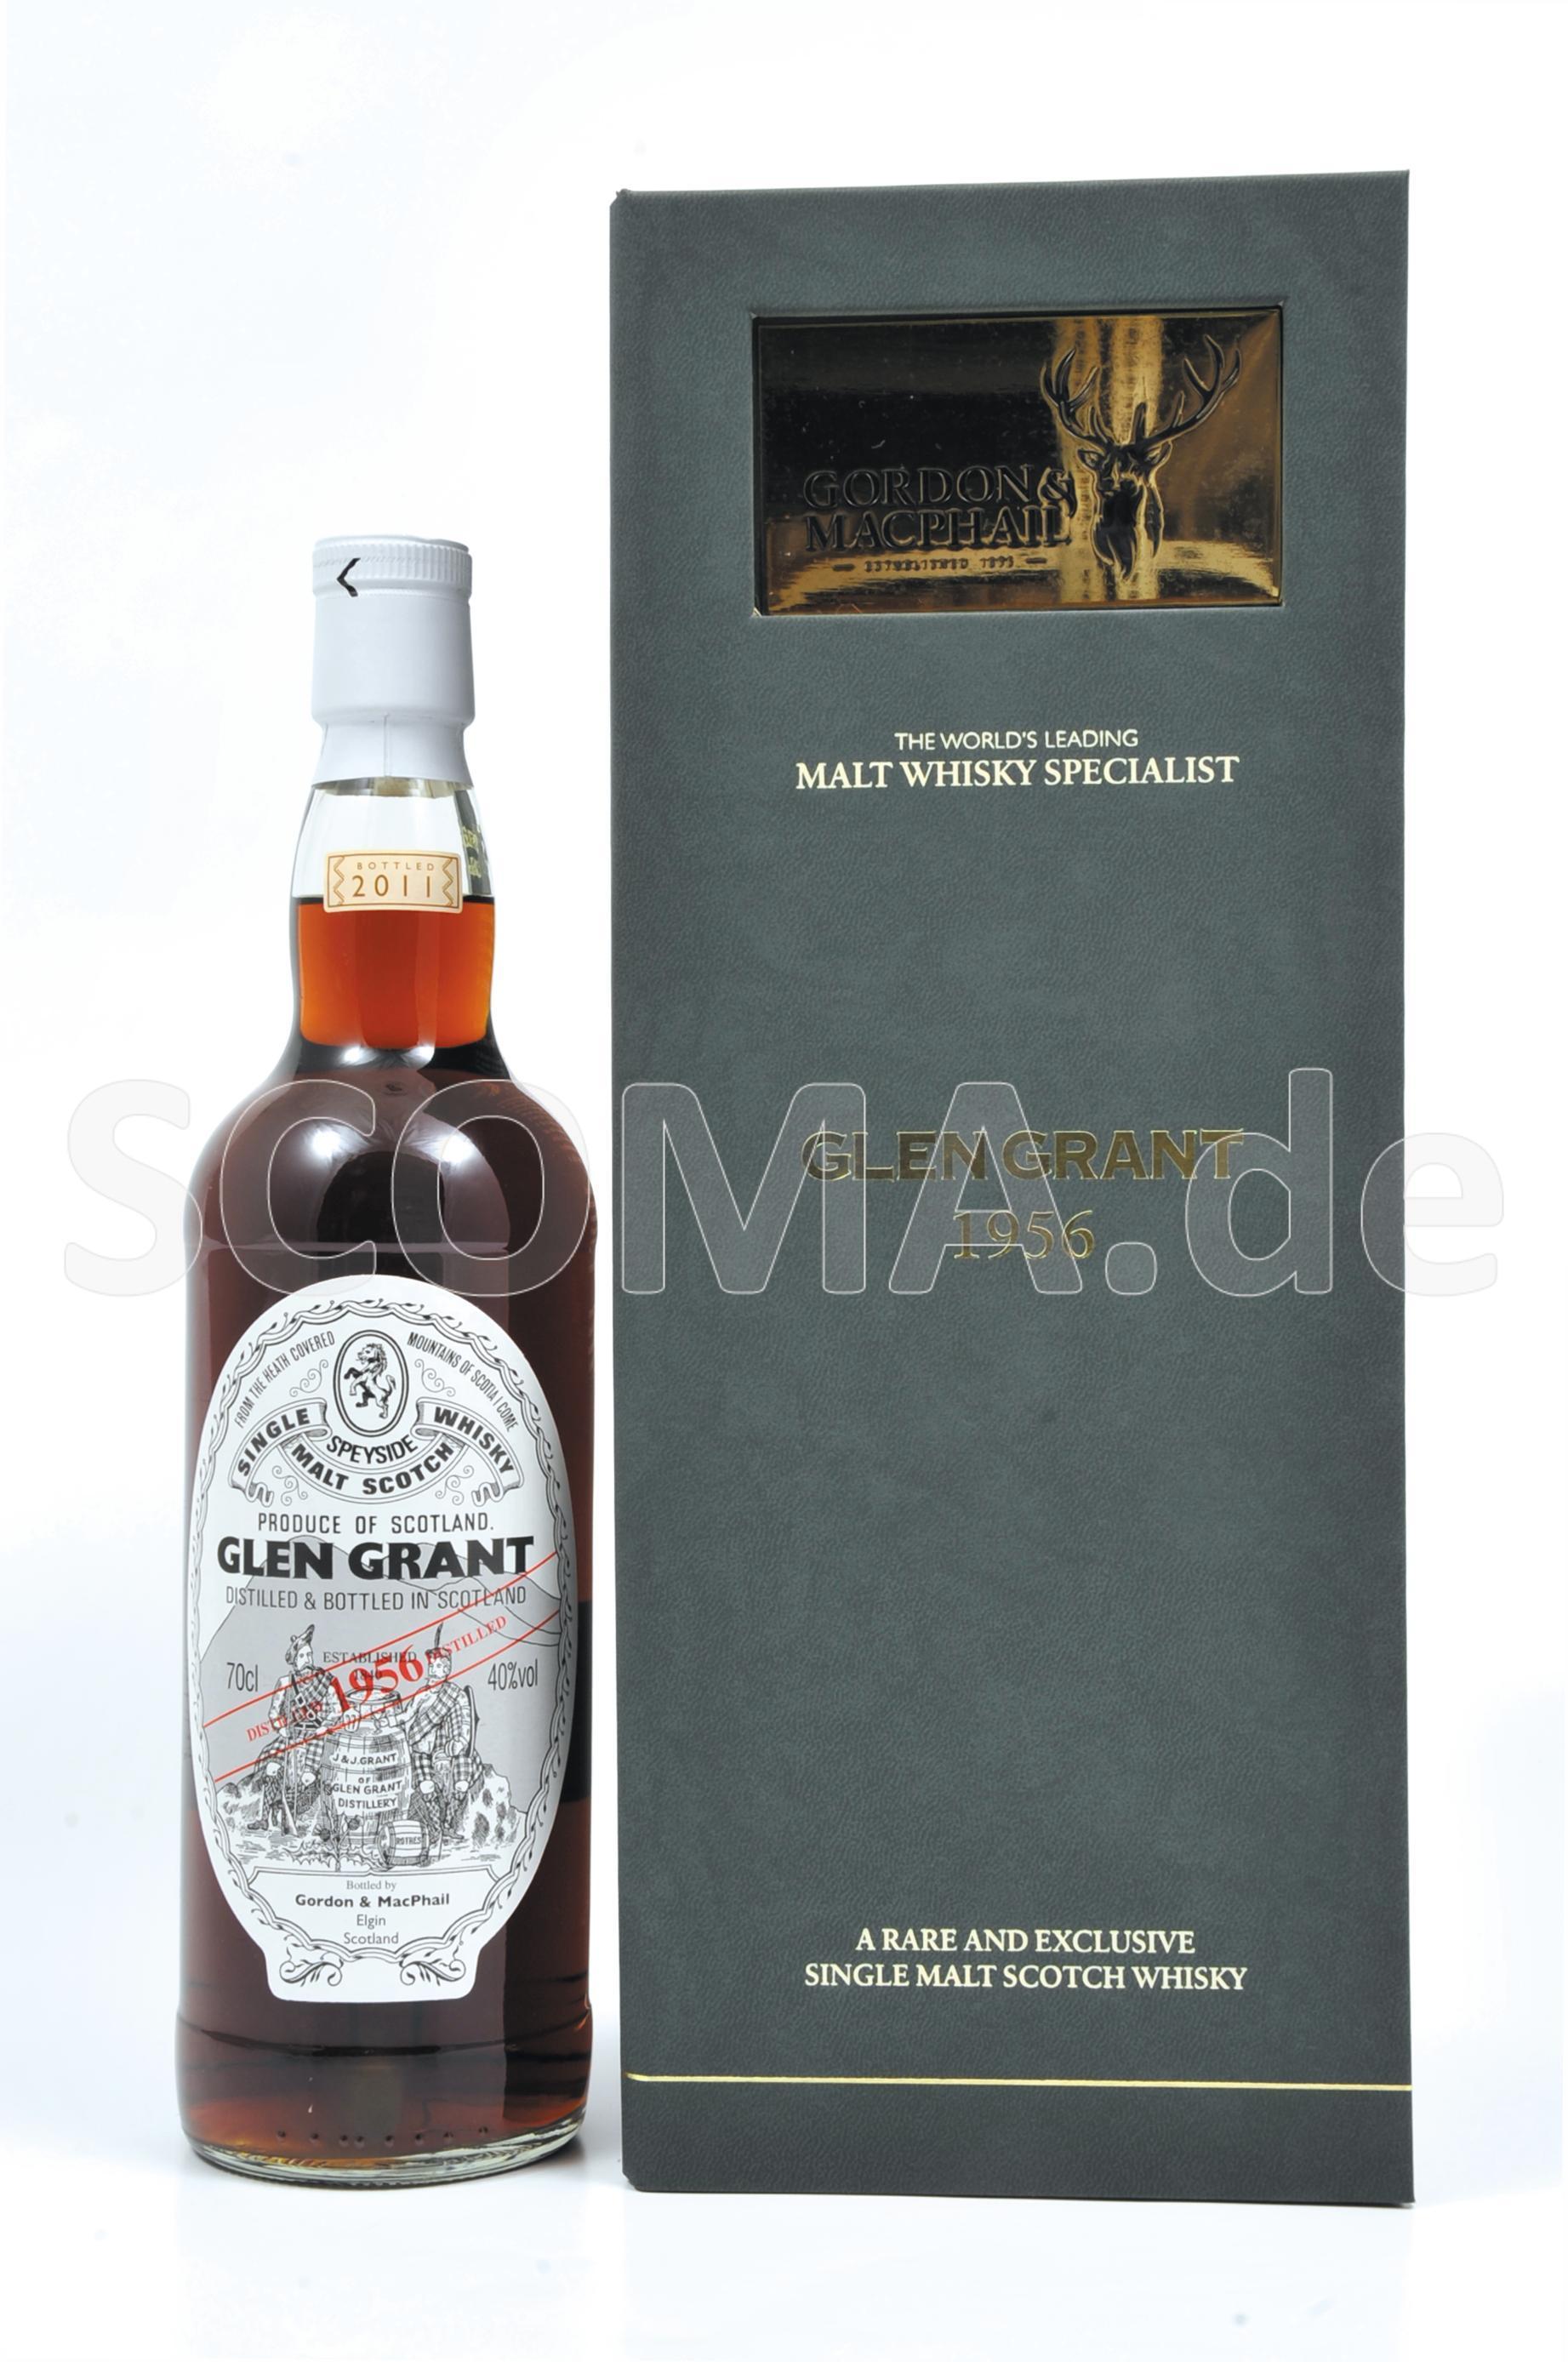 Glen Grant 1956/2011